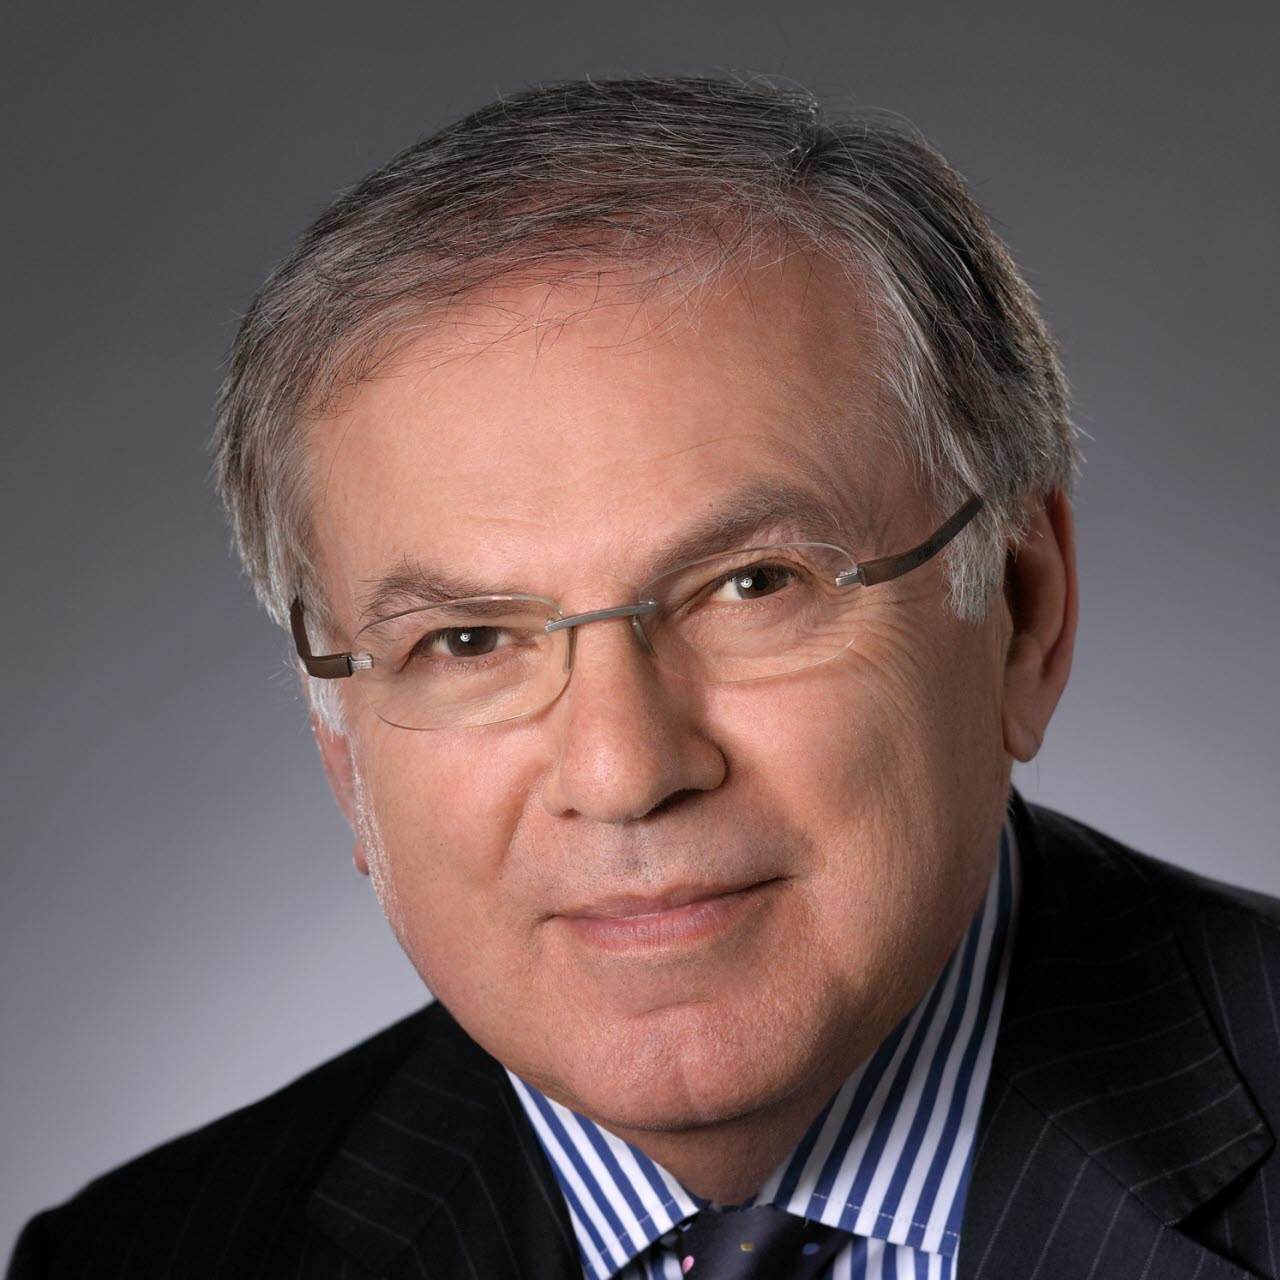 Dr. Paul A. Tichauer